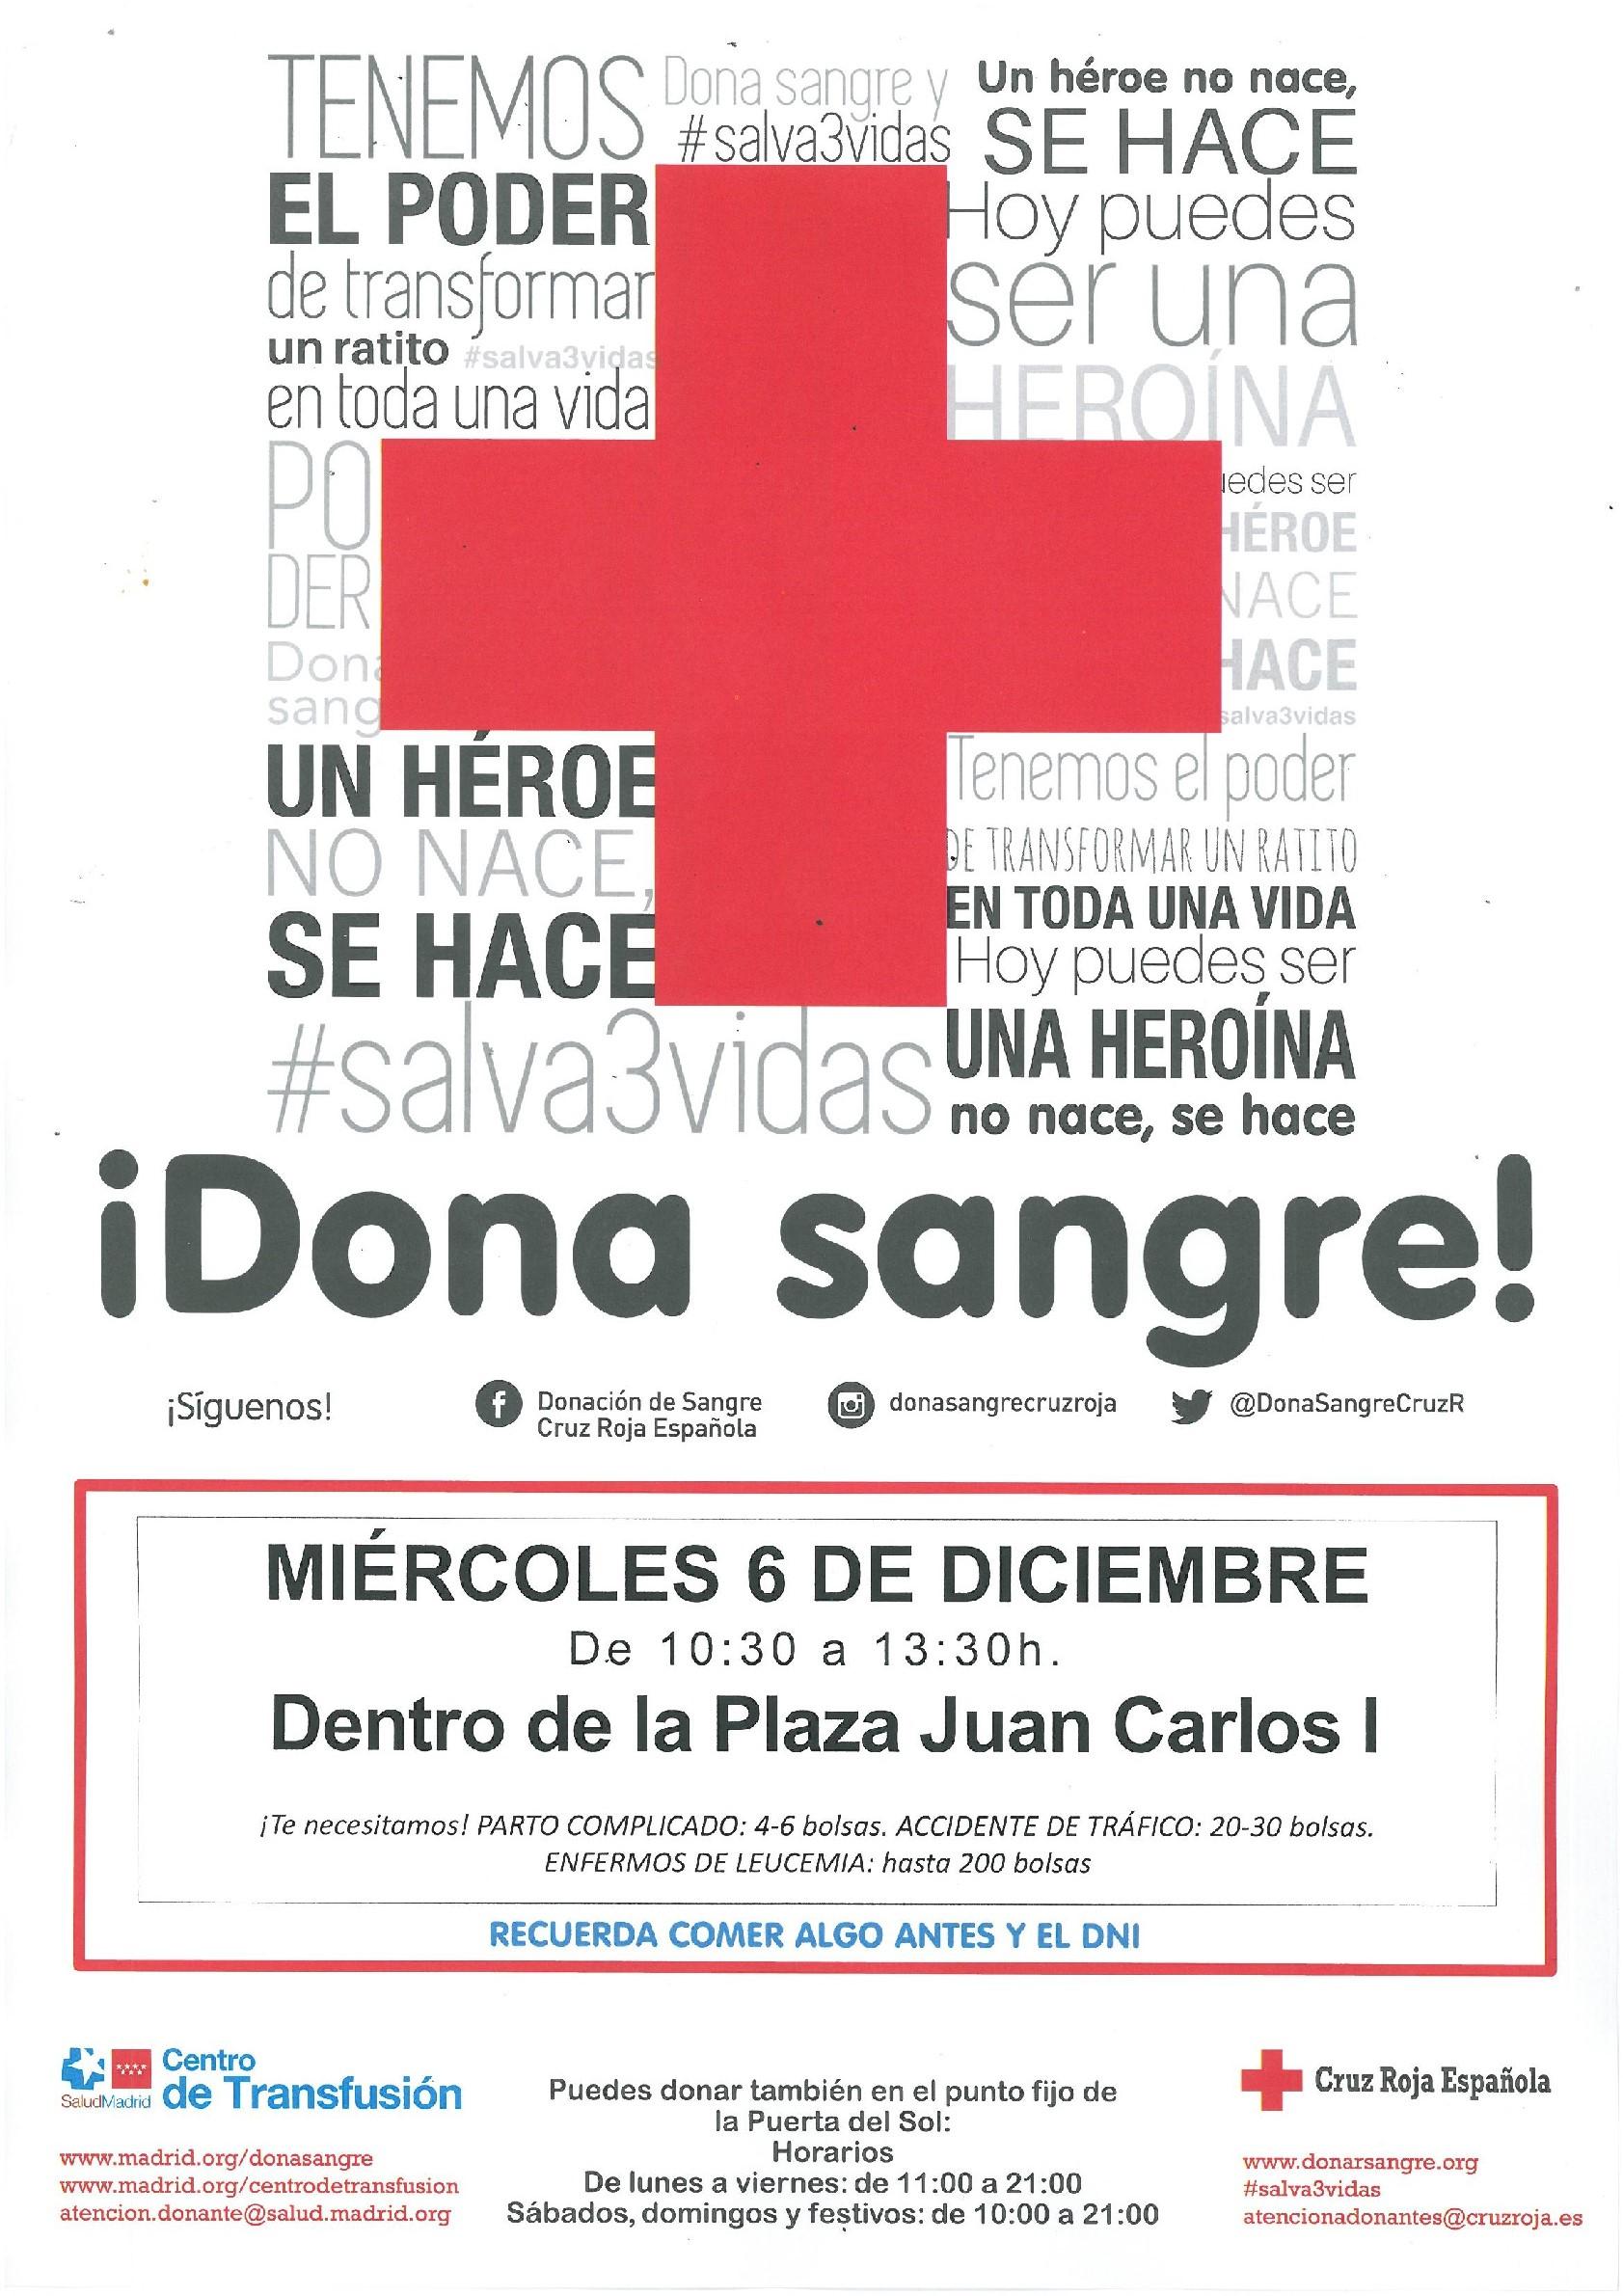 Campaña donación de Sangre 6 de diciembre